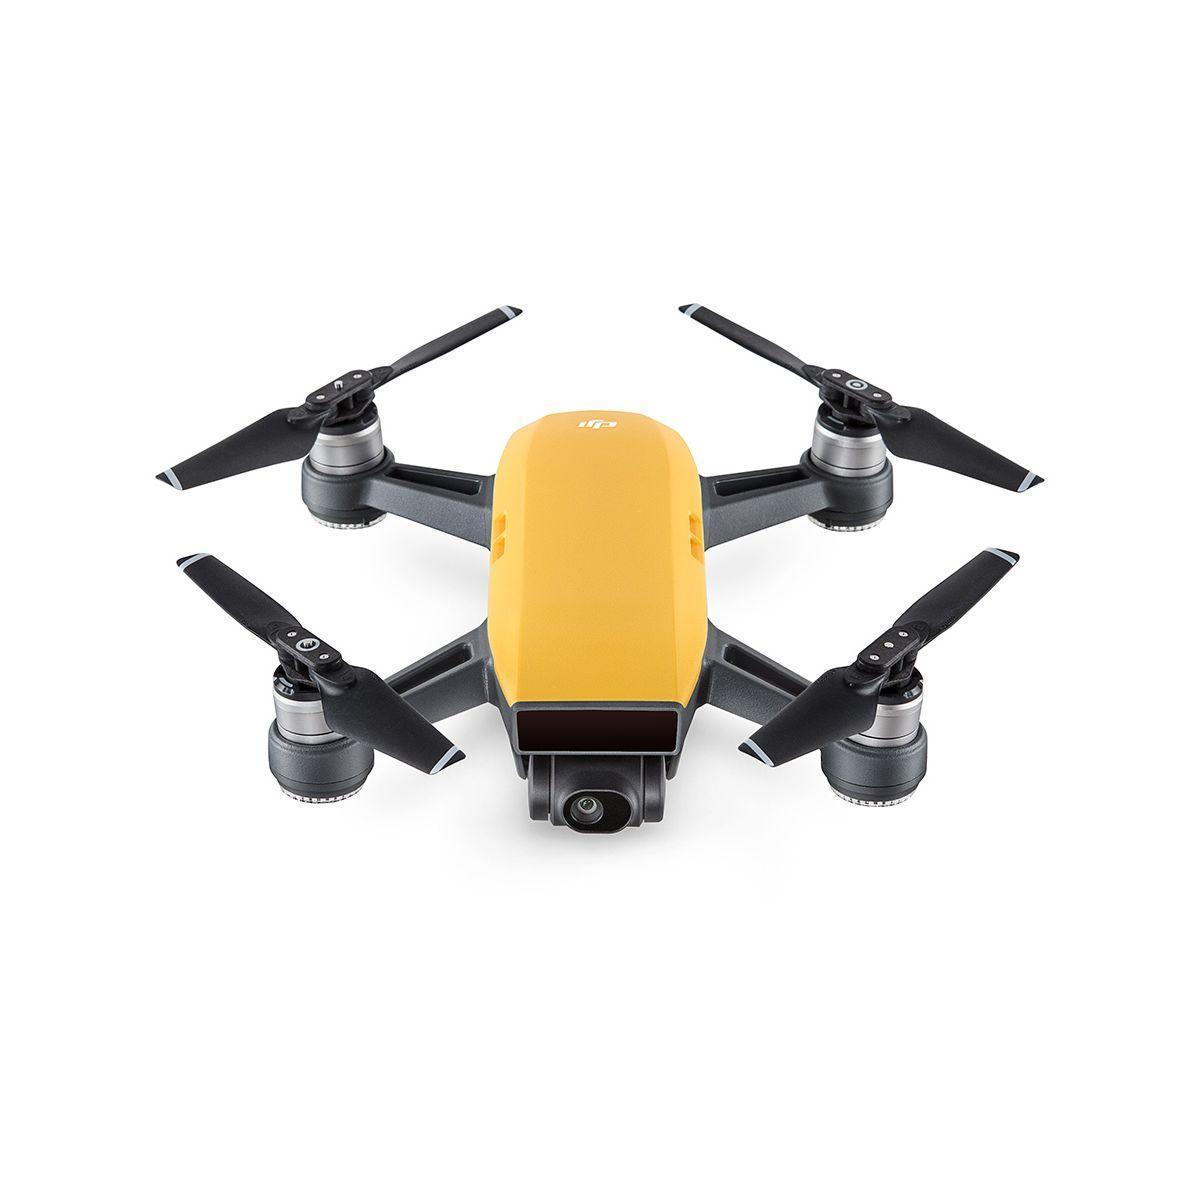 Drones dji spark fly more combo jaune - 10% de remise imm�diate avec le code : paques10 (photo)